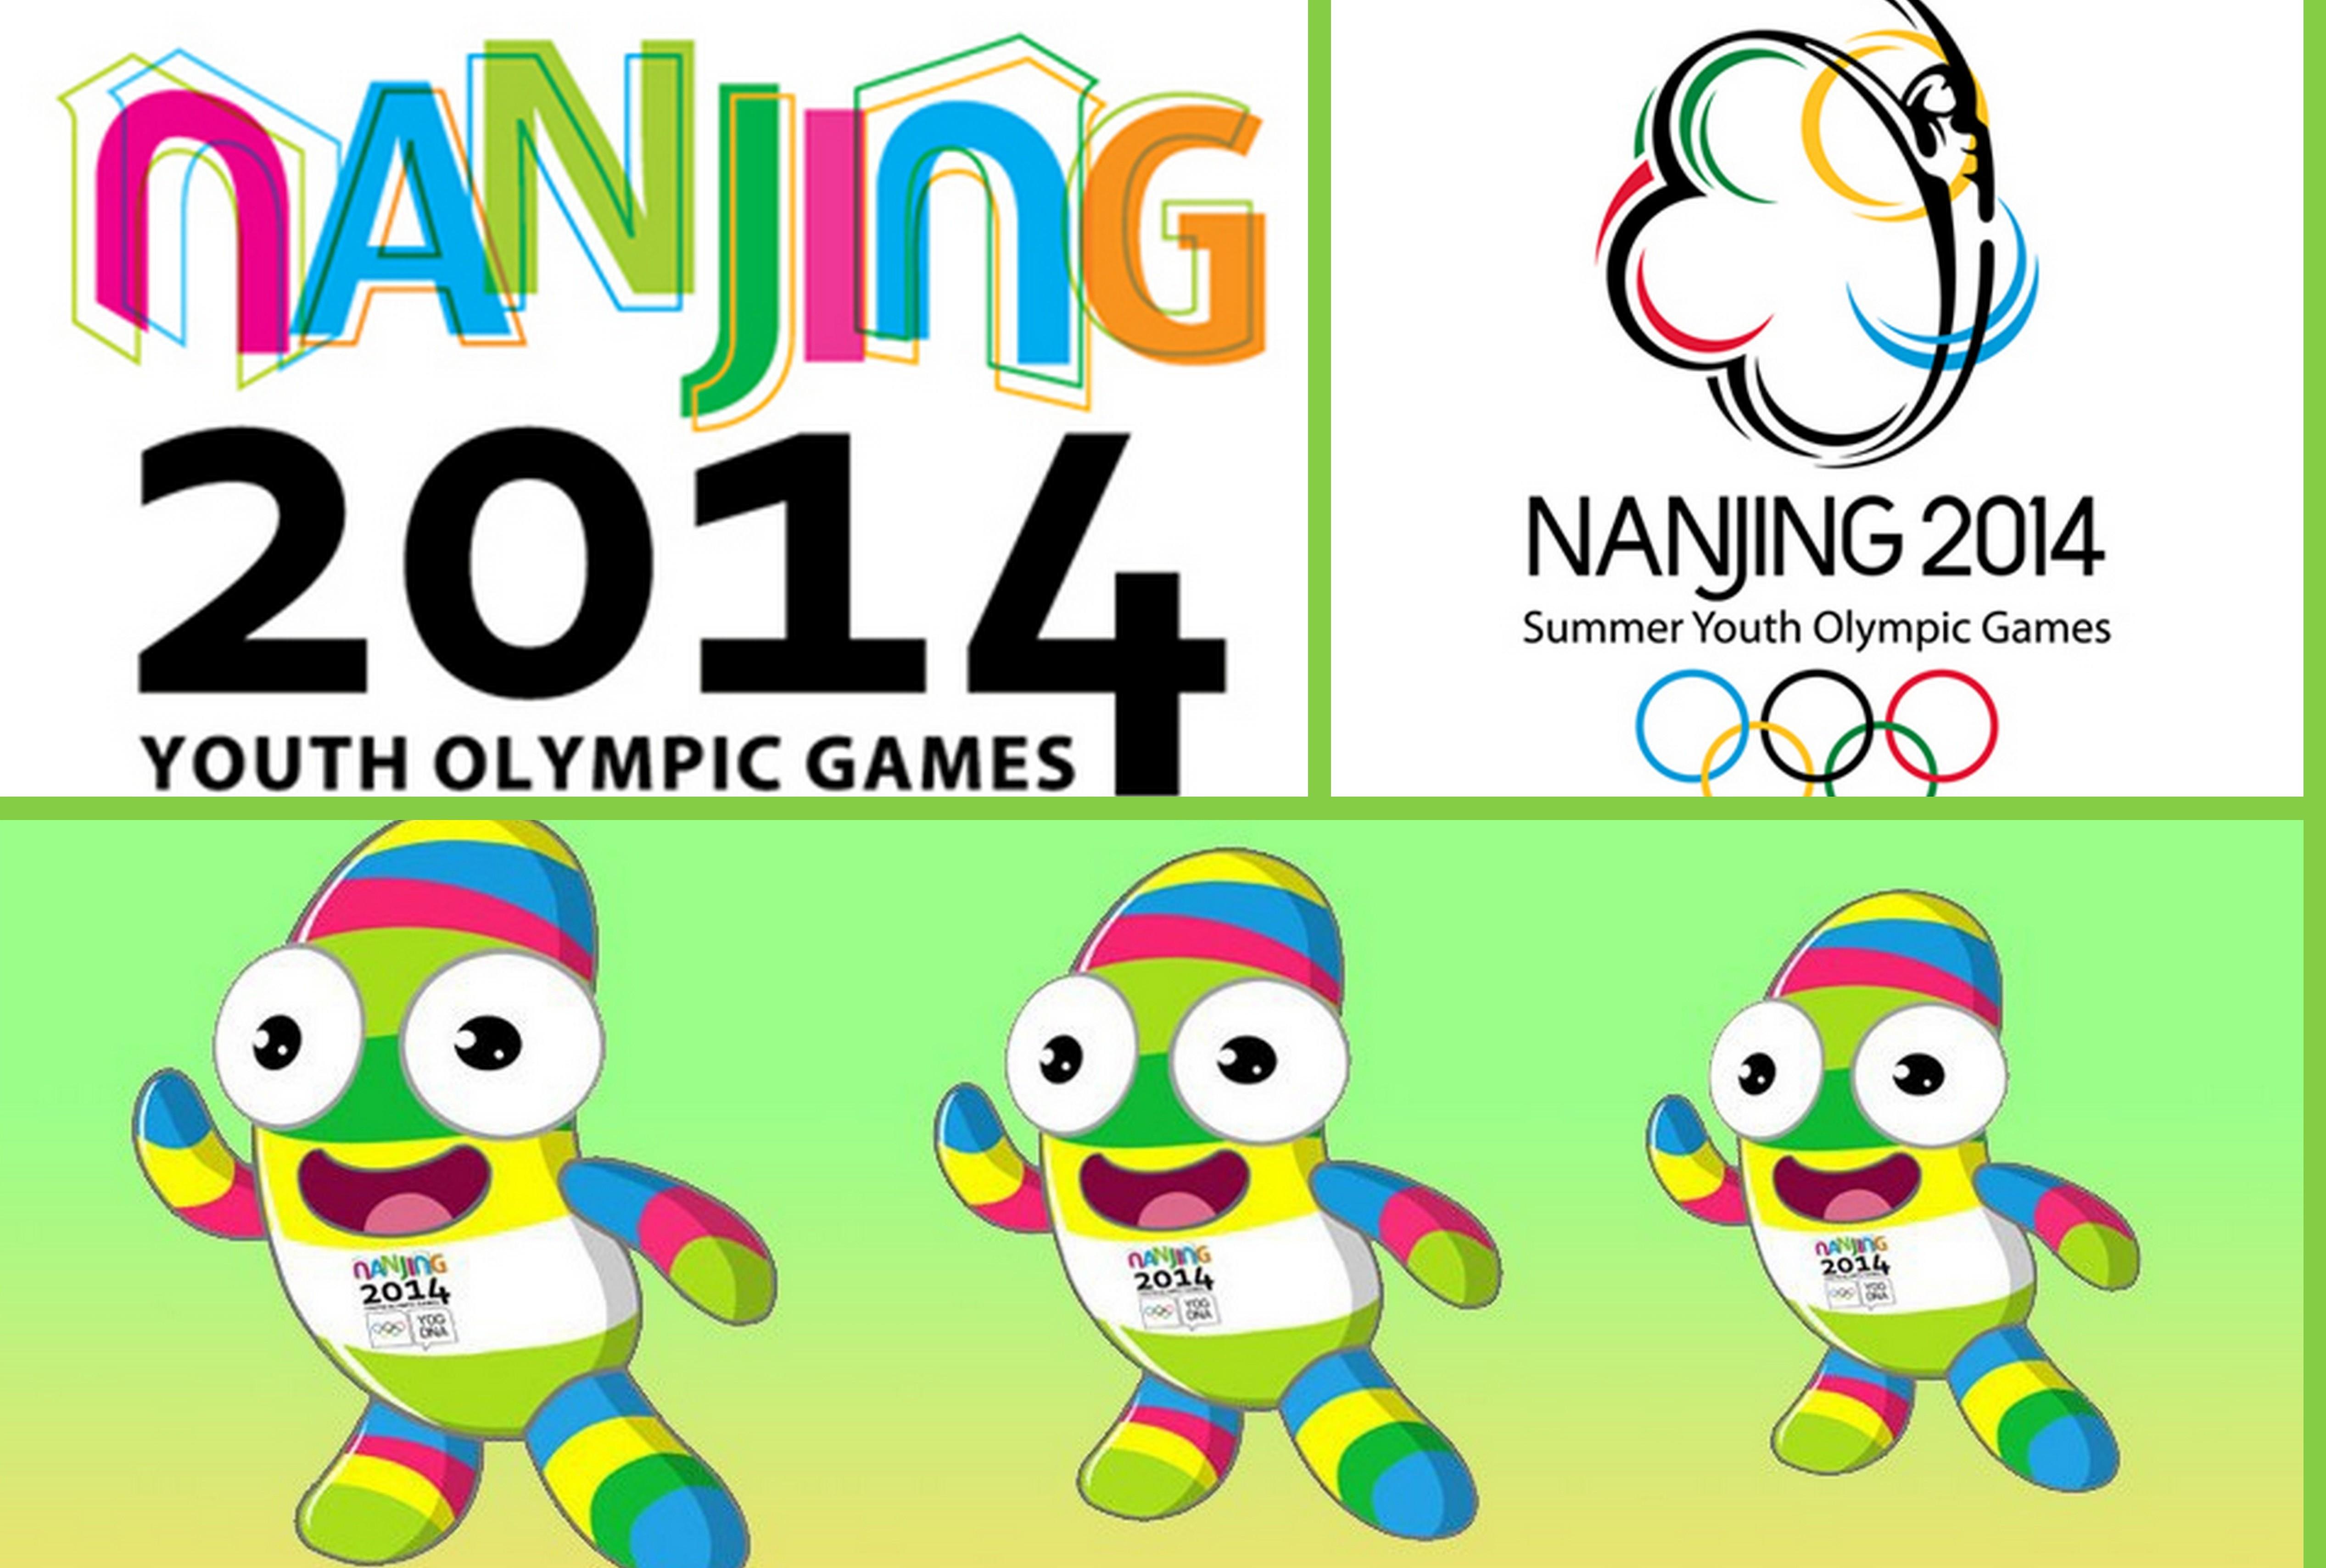 Юношеские Олимпийские игры примут в Китае 3 808 спортсменов-юниоров